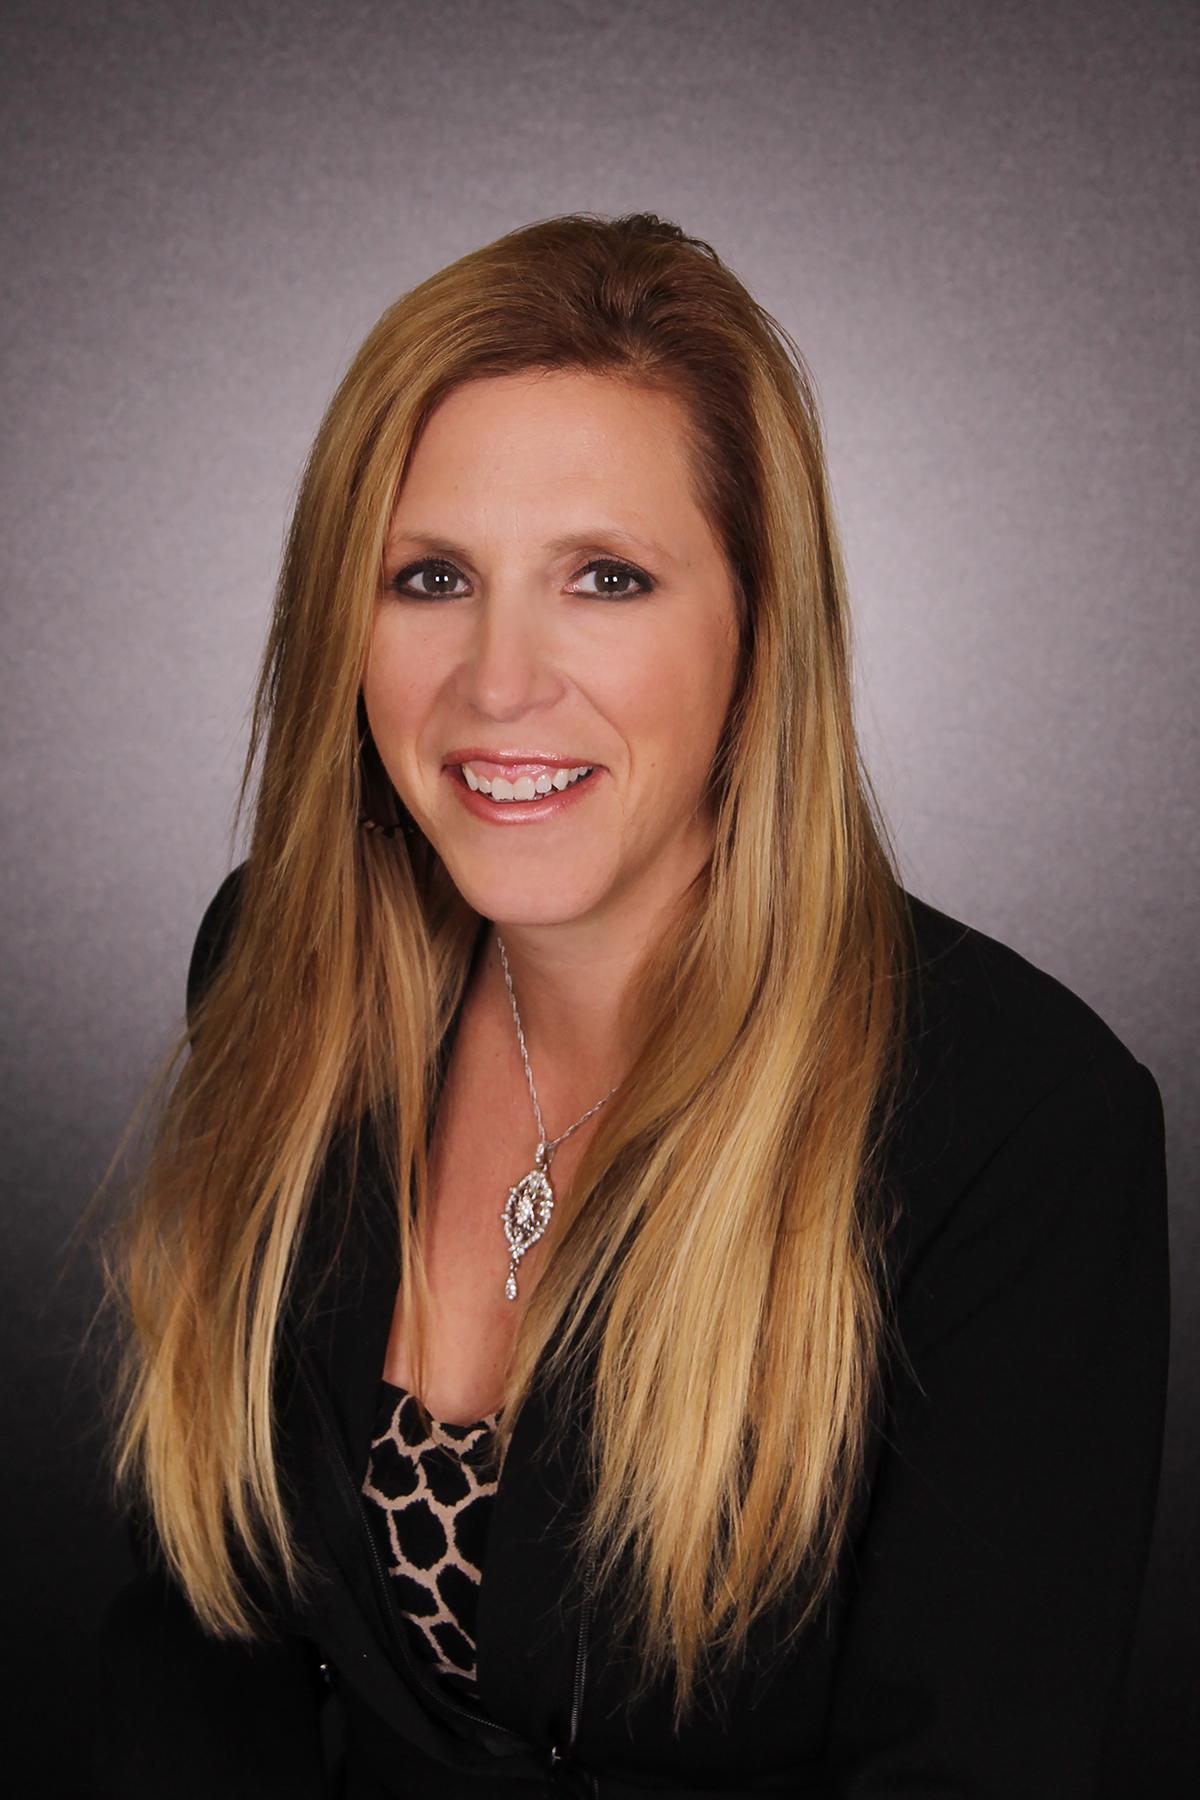 Michelle Fanion profile image